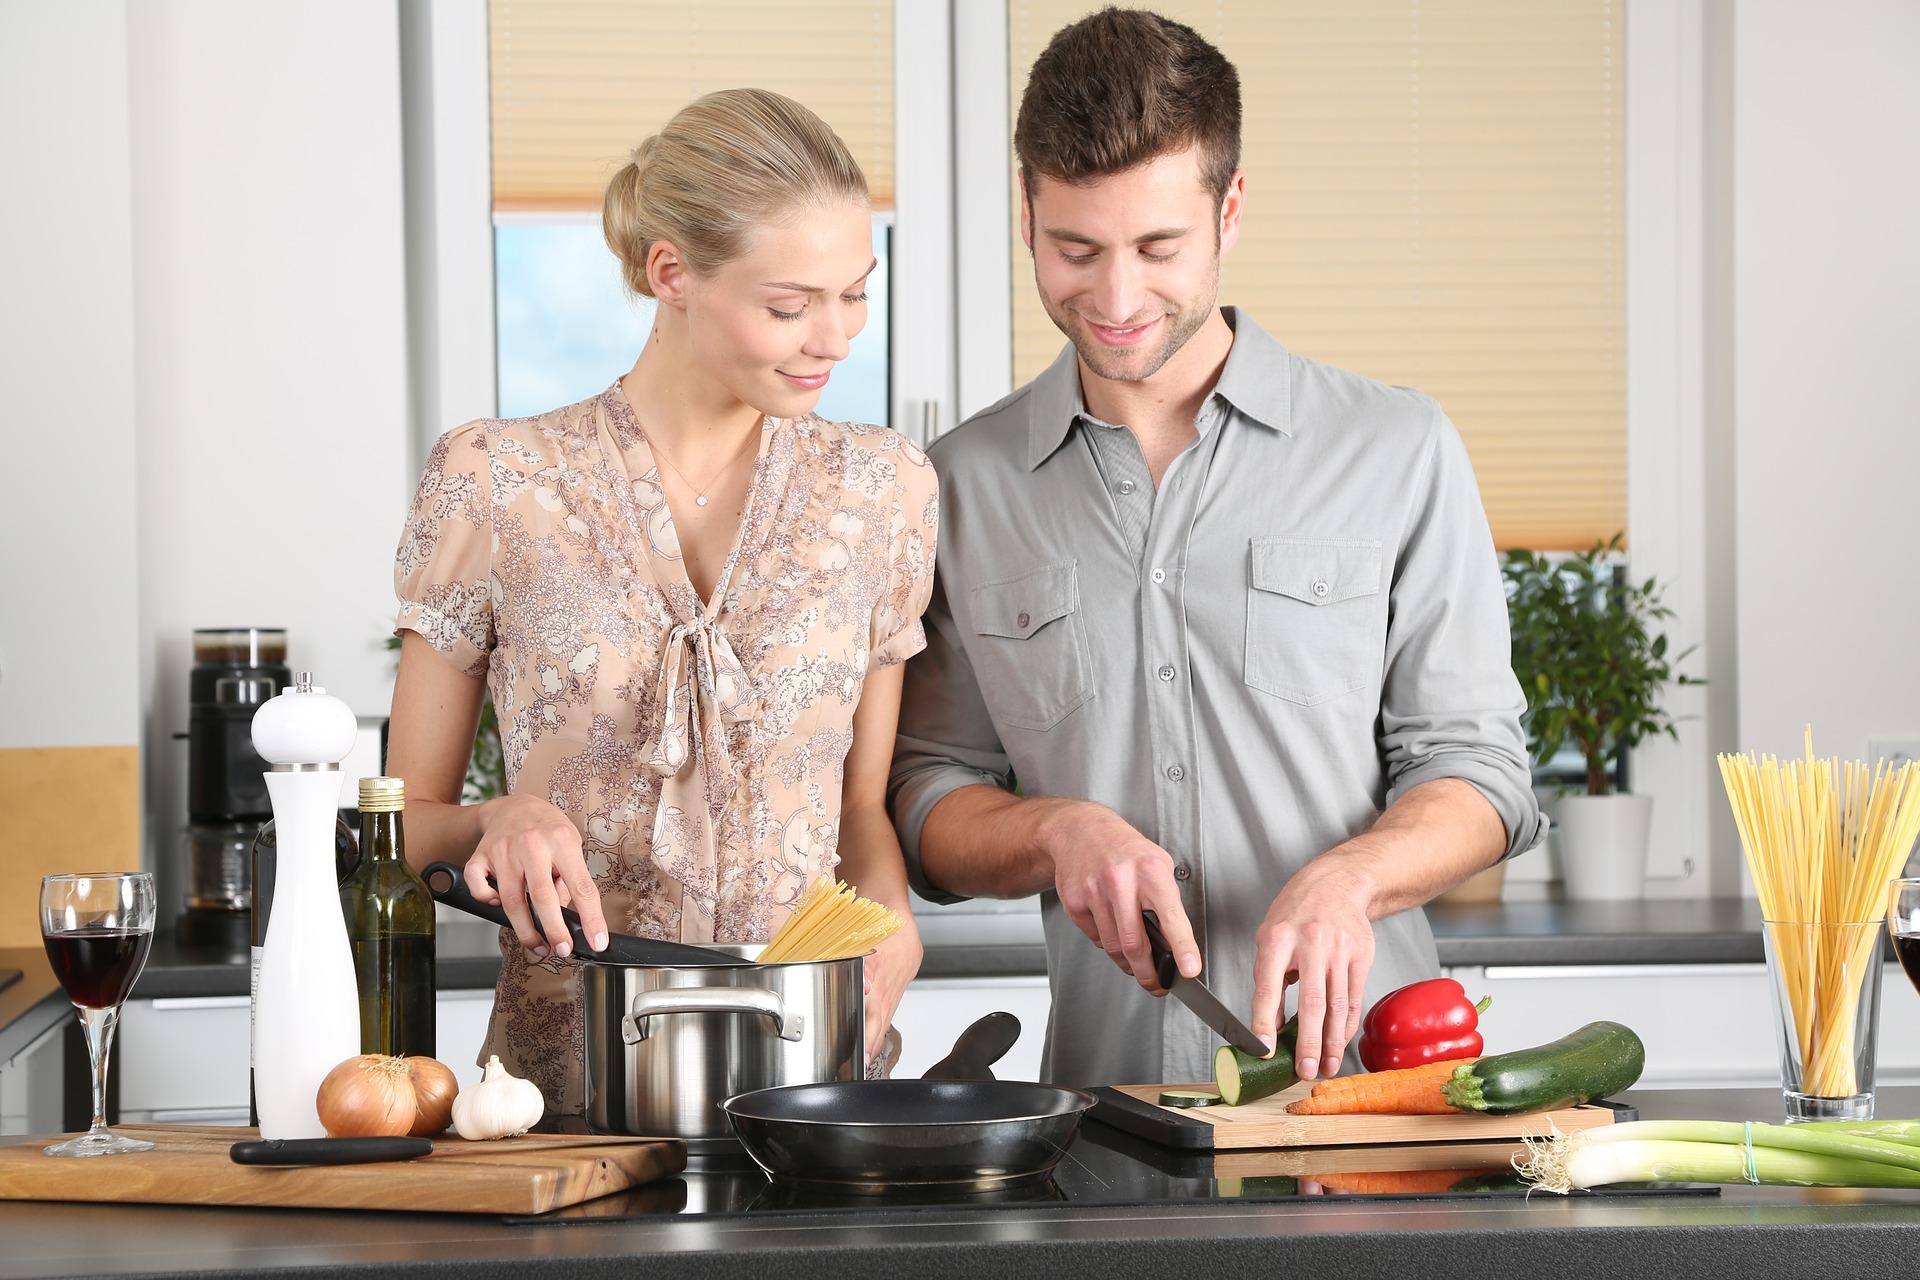 簡単にできるキッチンの風水で運気を上げる方法とは